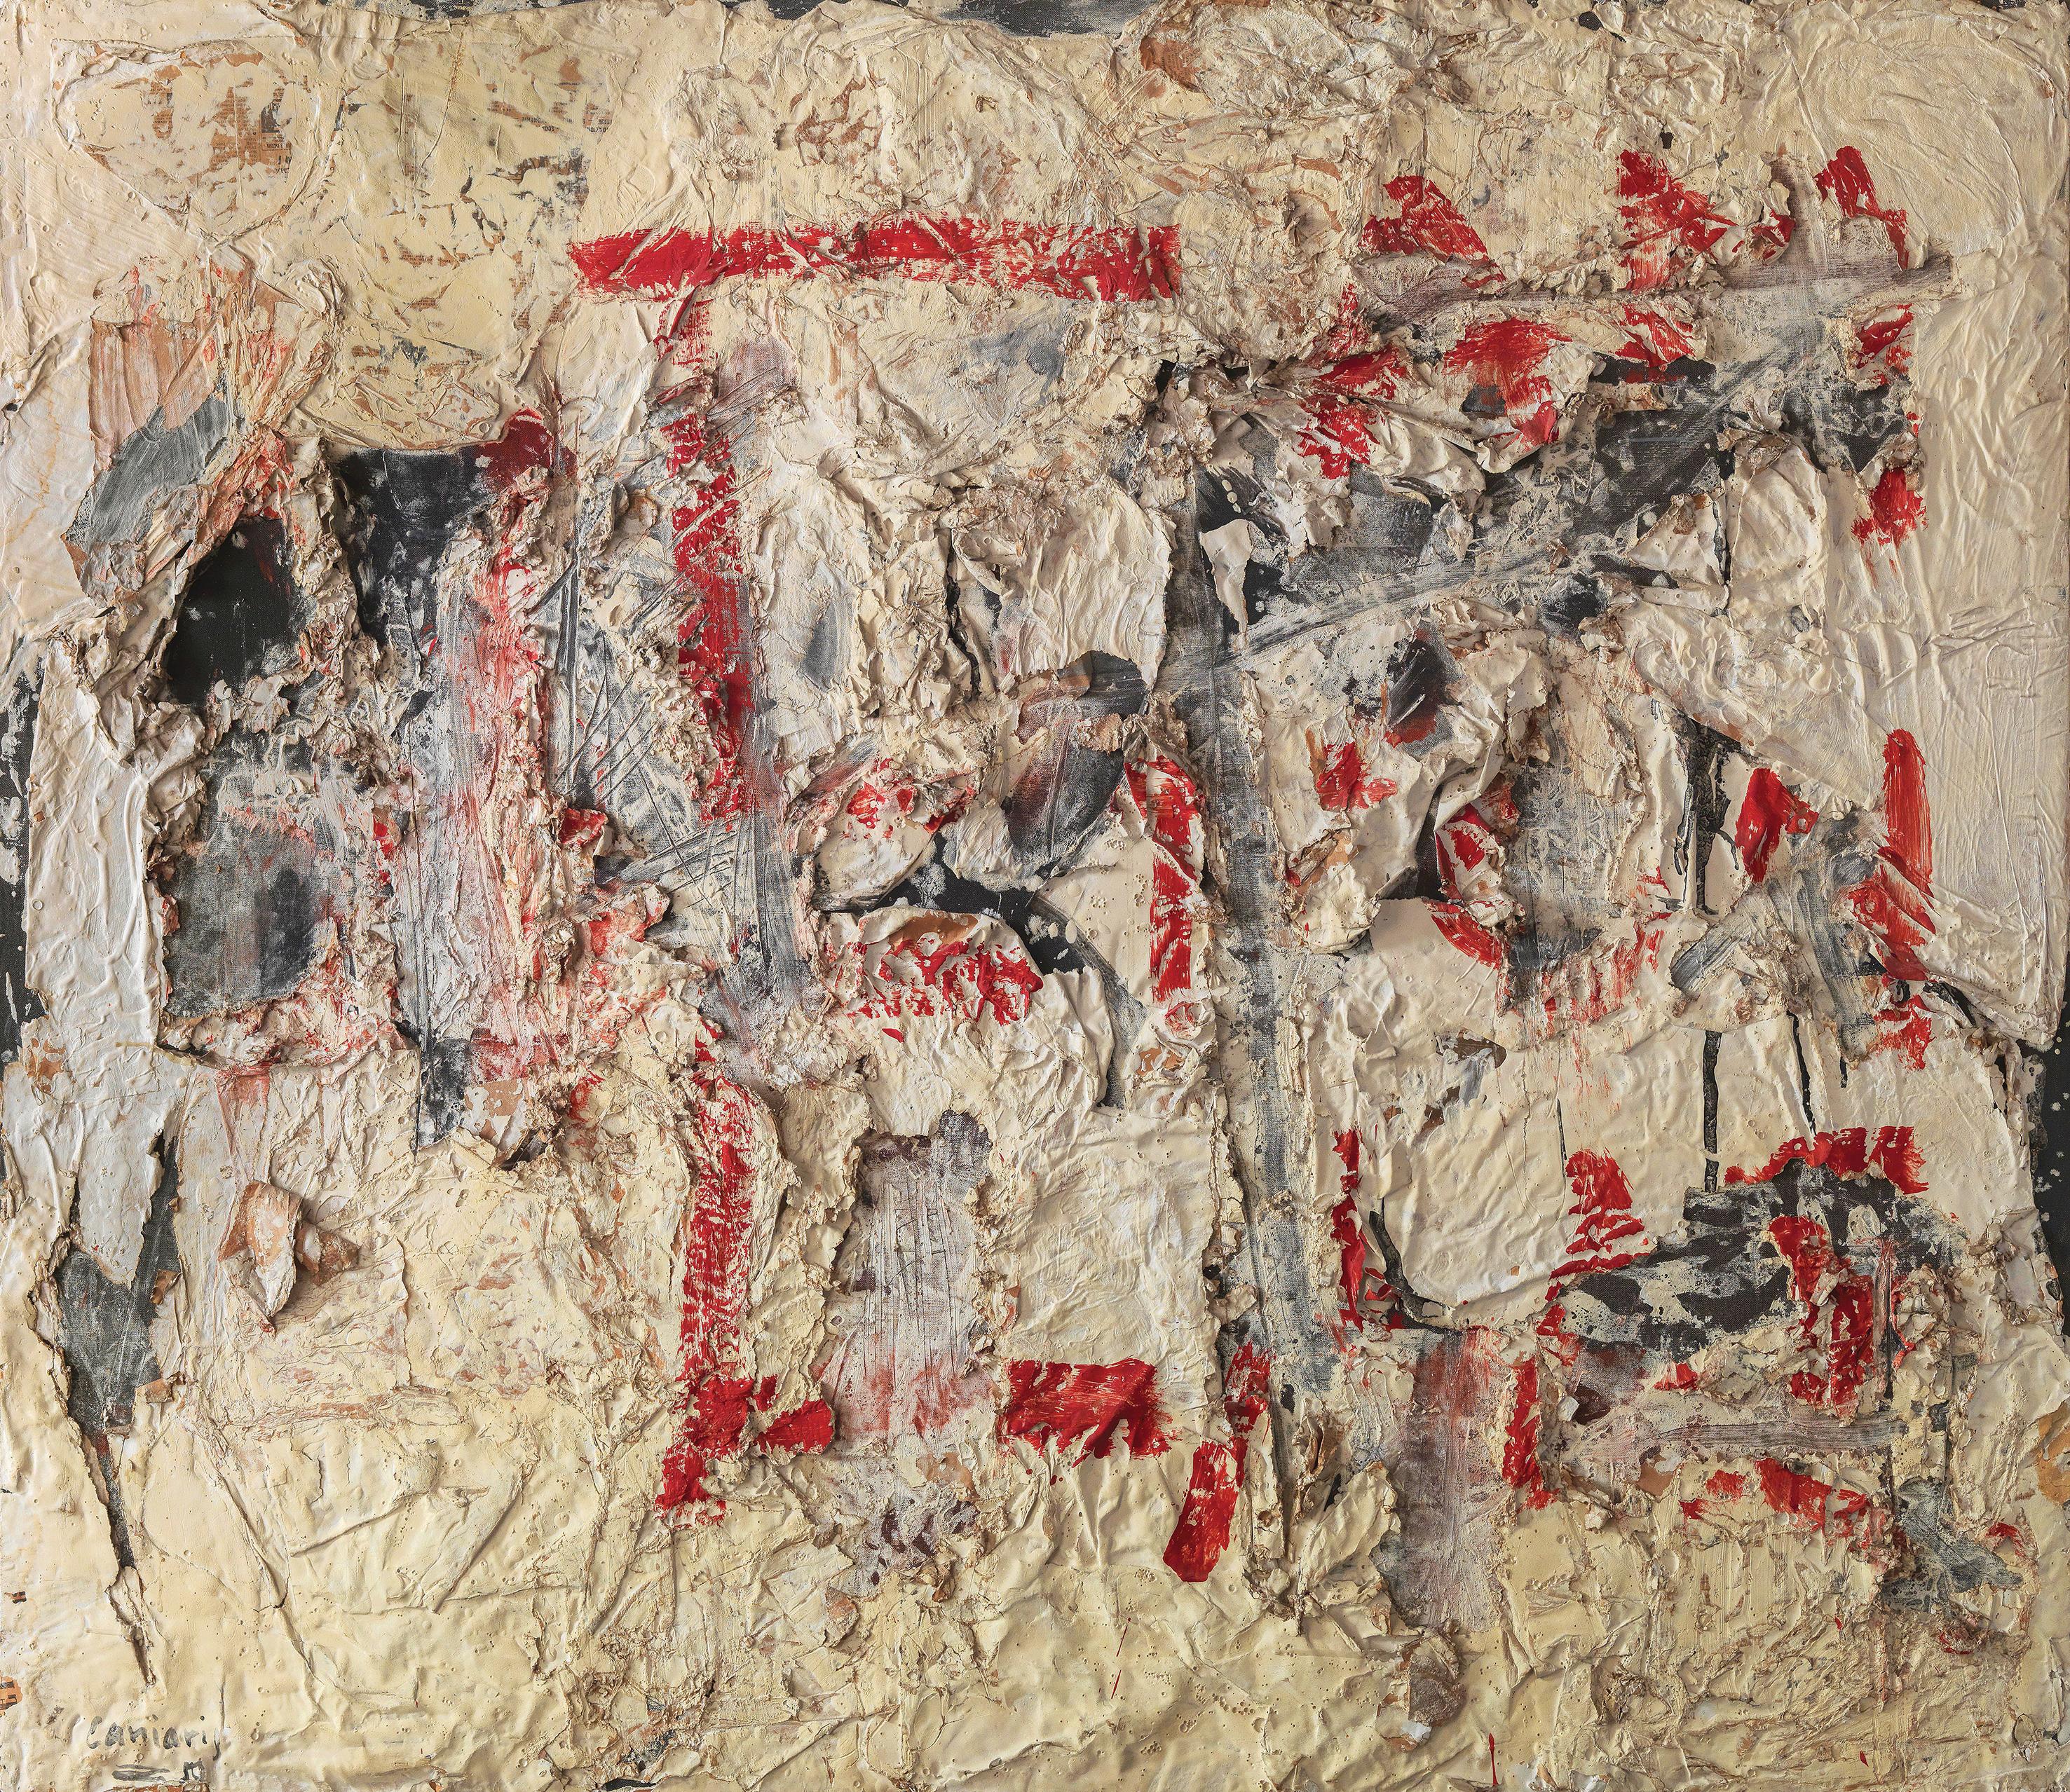 Βλάσης Κανιάρης (1928-2011) Τιμής ένεκεν στους τοίχους της Αθήνας 1941-19…, 1959 Μικτή τεχνική σε καμβά, 130 x 150 εκ. Δωρεά της Μαρίας Λίνας Κανιάρη, 2014 Εθνικό Μουσείο Σύγχρονης Τέχνης, Αρ. Εισ. 992/14